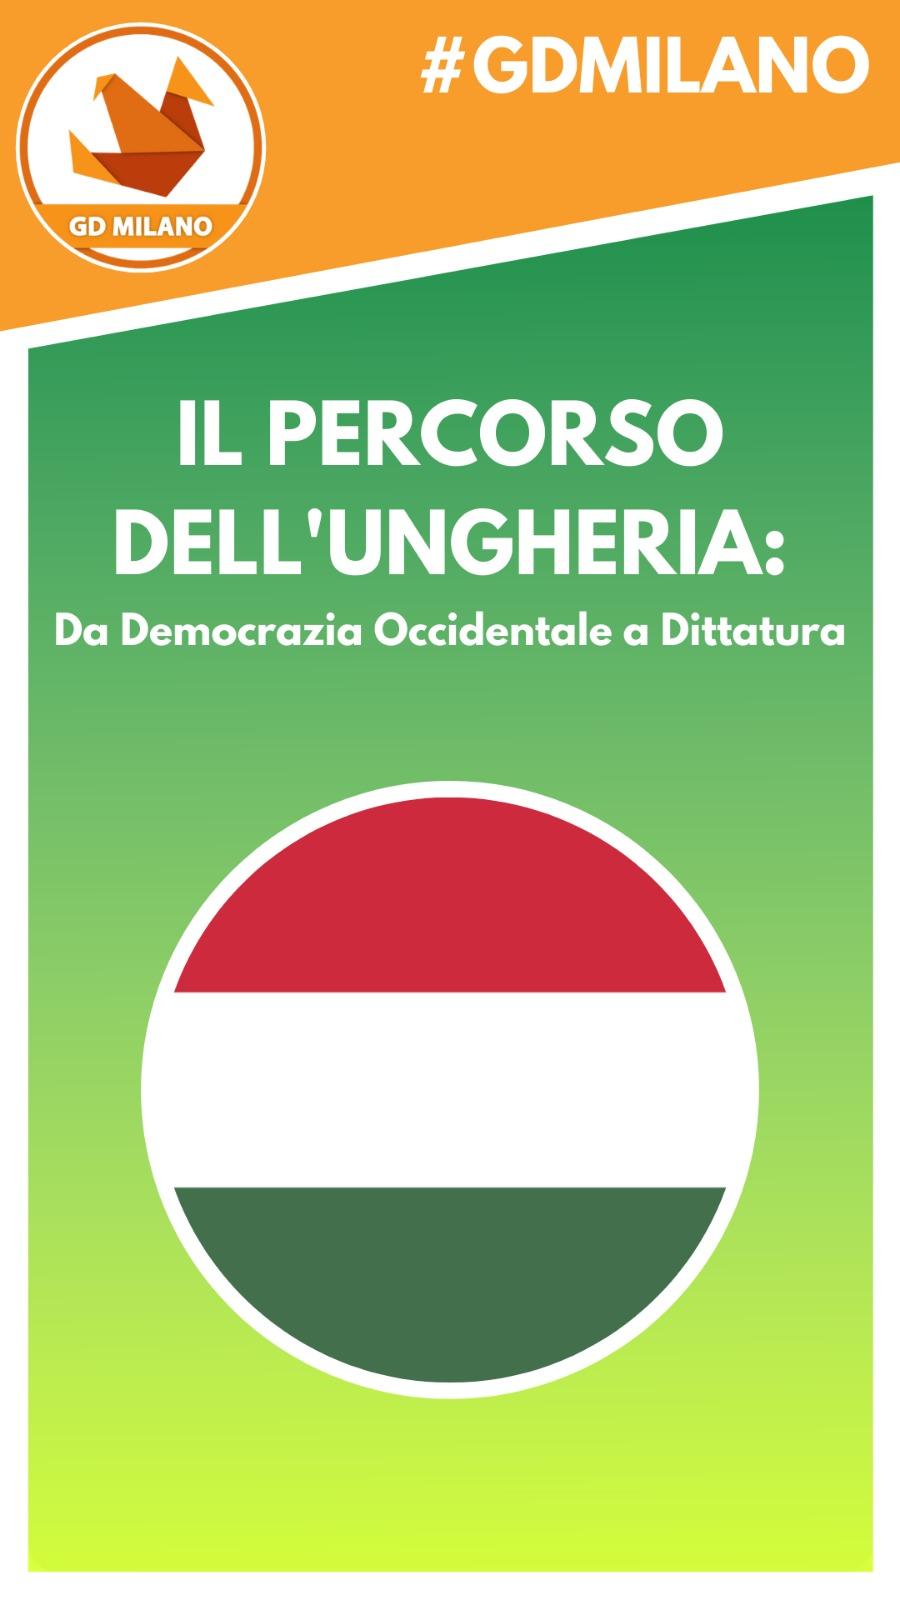 Il percorso dell'Ungheria da democrazia occidentale a dittatura, schematicamente